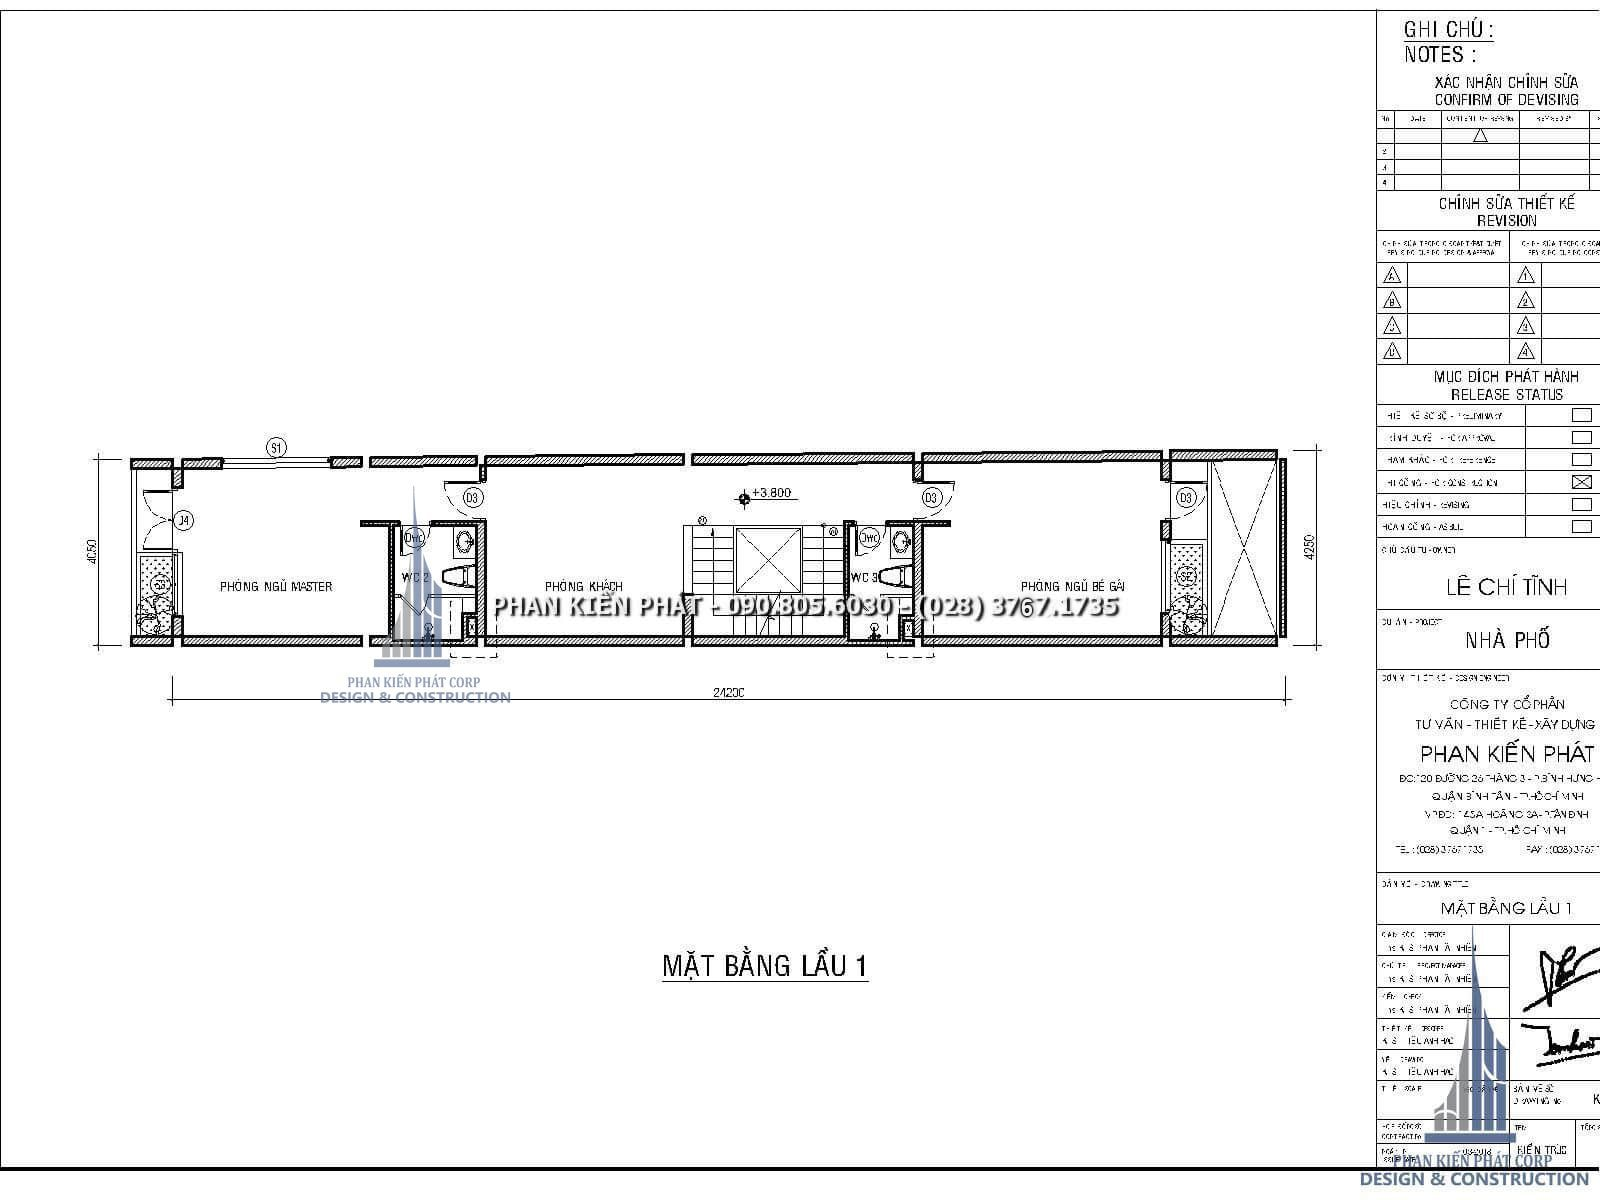 Mặt bằng lầu 1 – Thiết kế nhà phố 4 lầu kết hợp với phòng khám